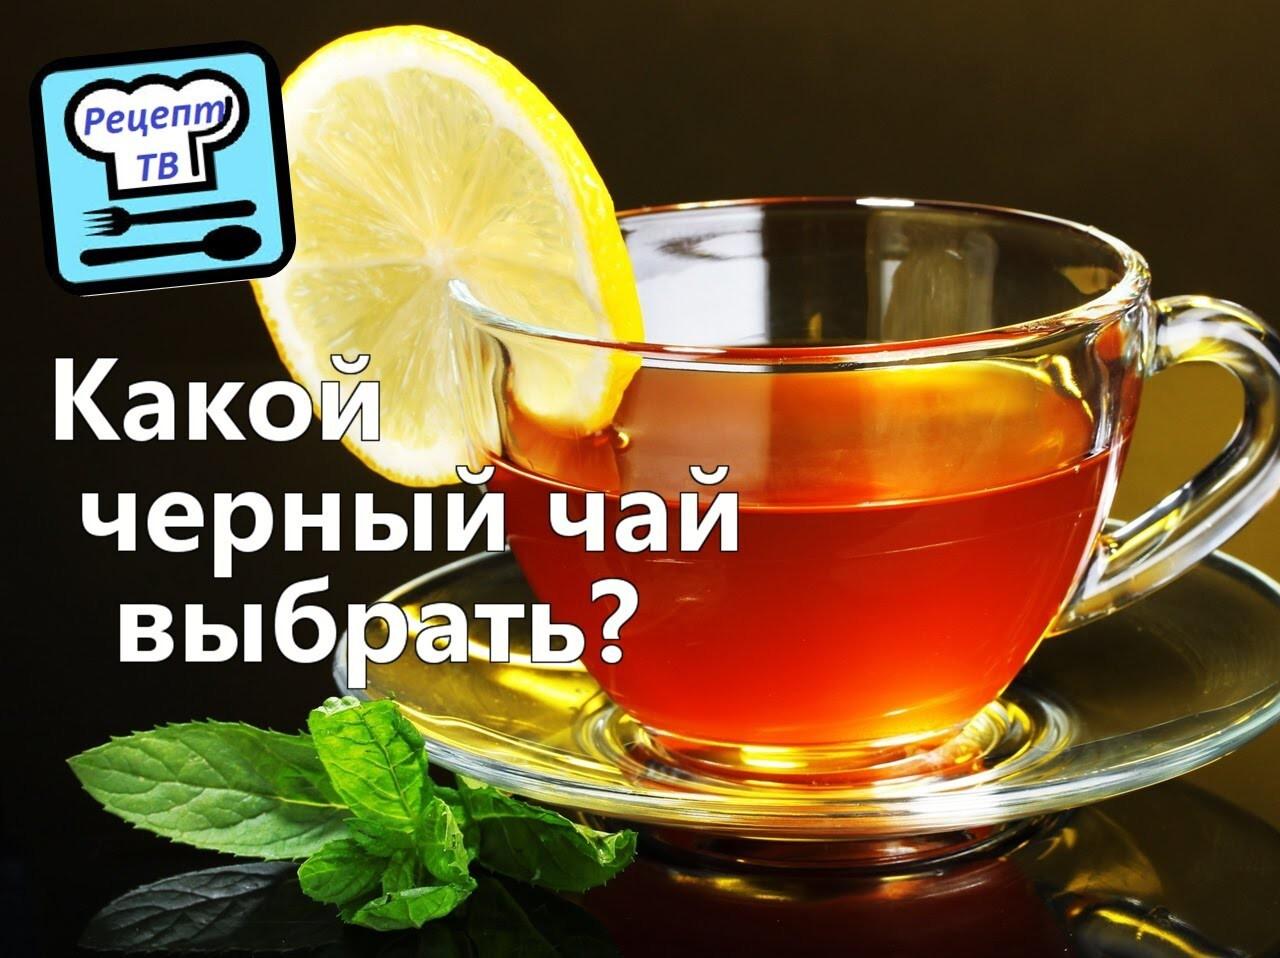 Какой чёрный чай лучше?